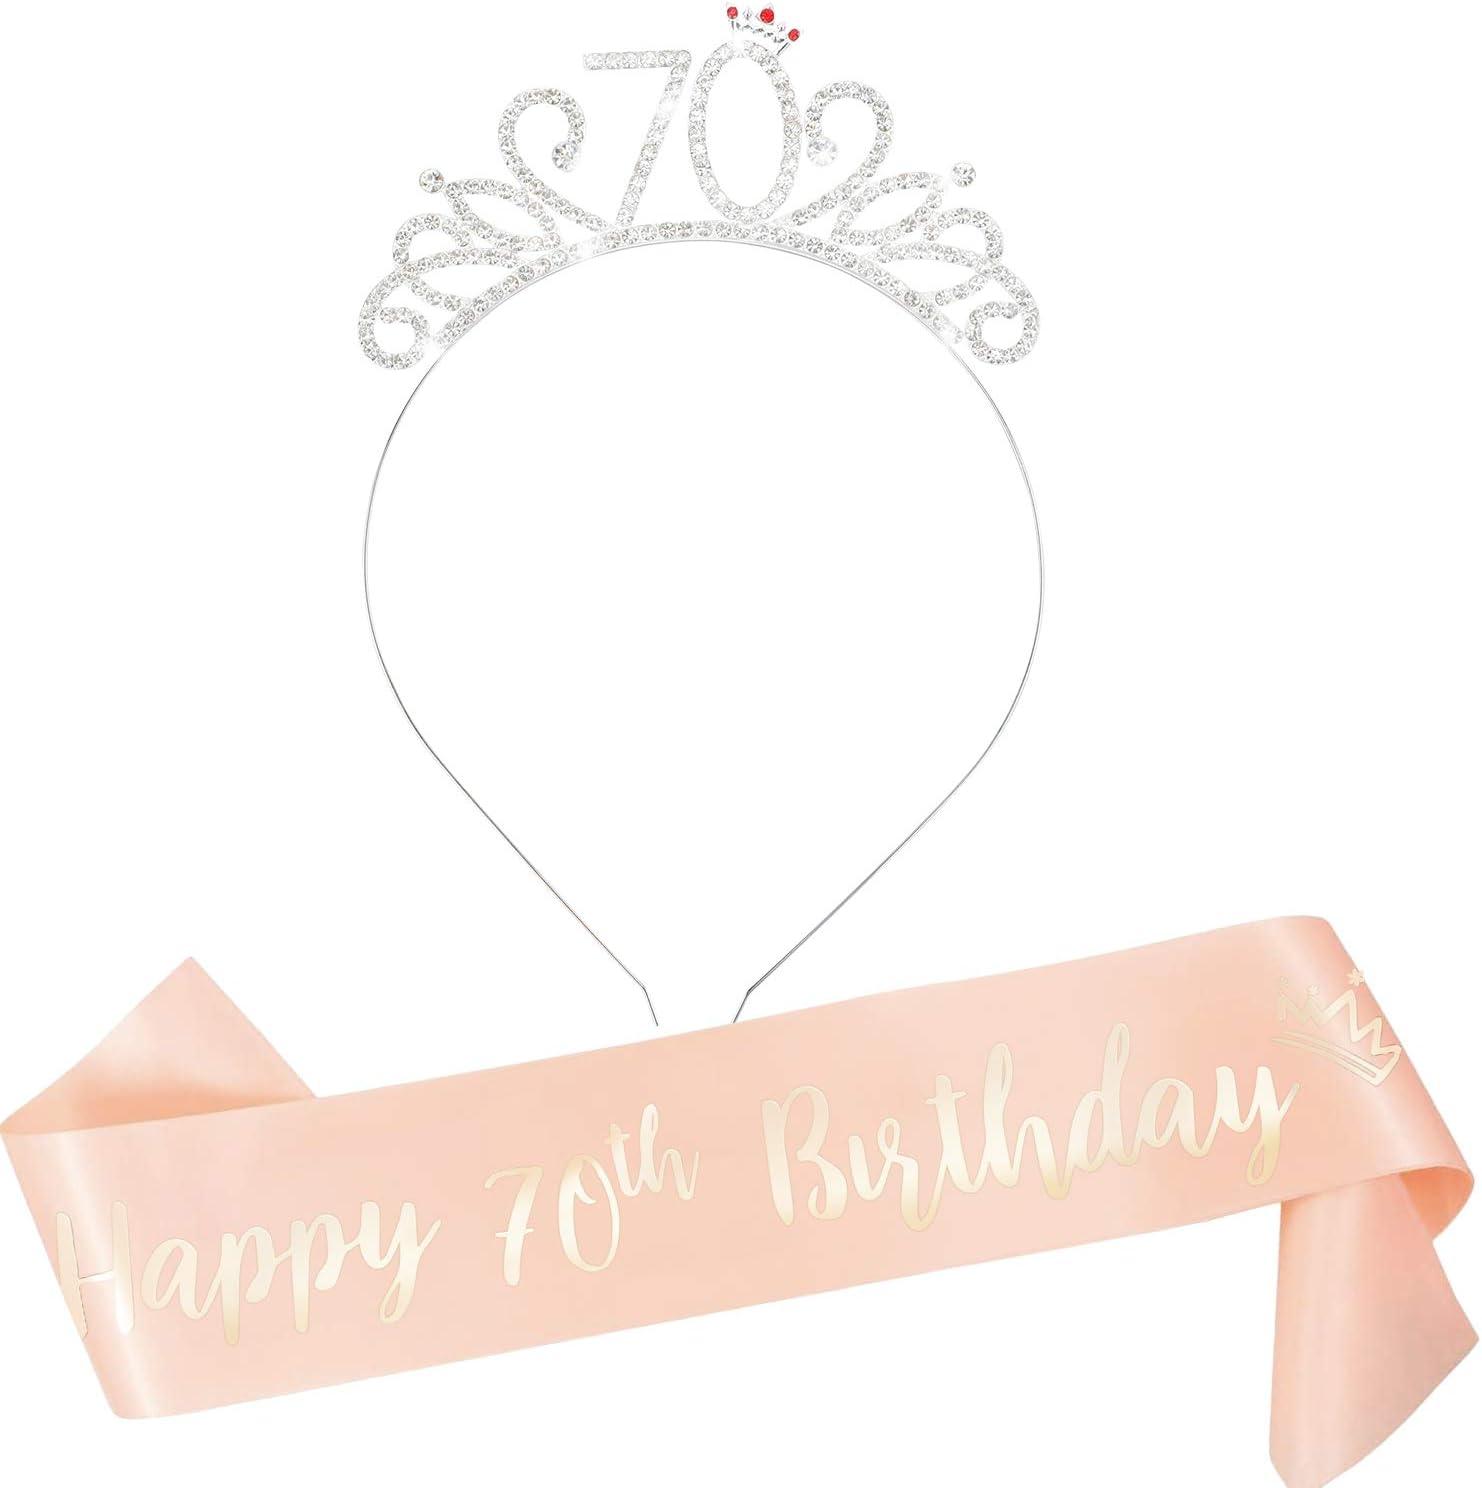 Ragazze Saluti al settantesimo Fascia da 70 Anni in Oro Rosa Settanta Compleanni con Fascia per Corona per Donne Qpout Tiara da Donna settantesimo Compleanno con Strass e Strass per Donna